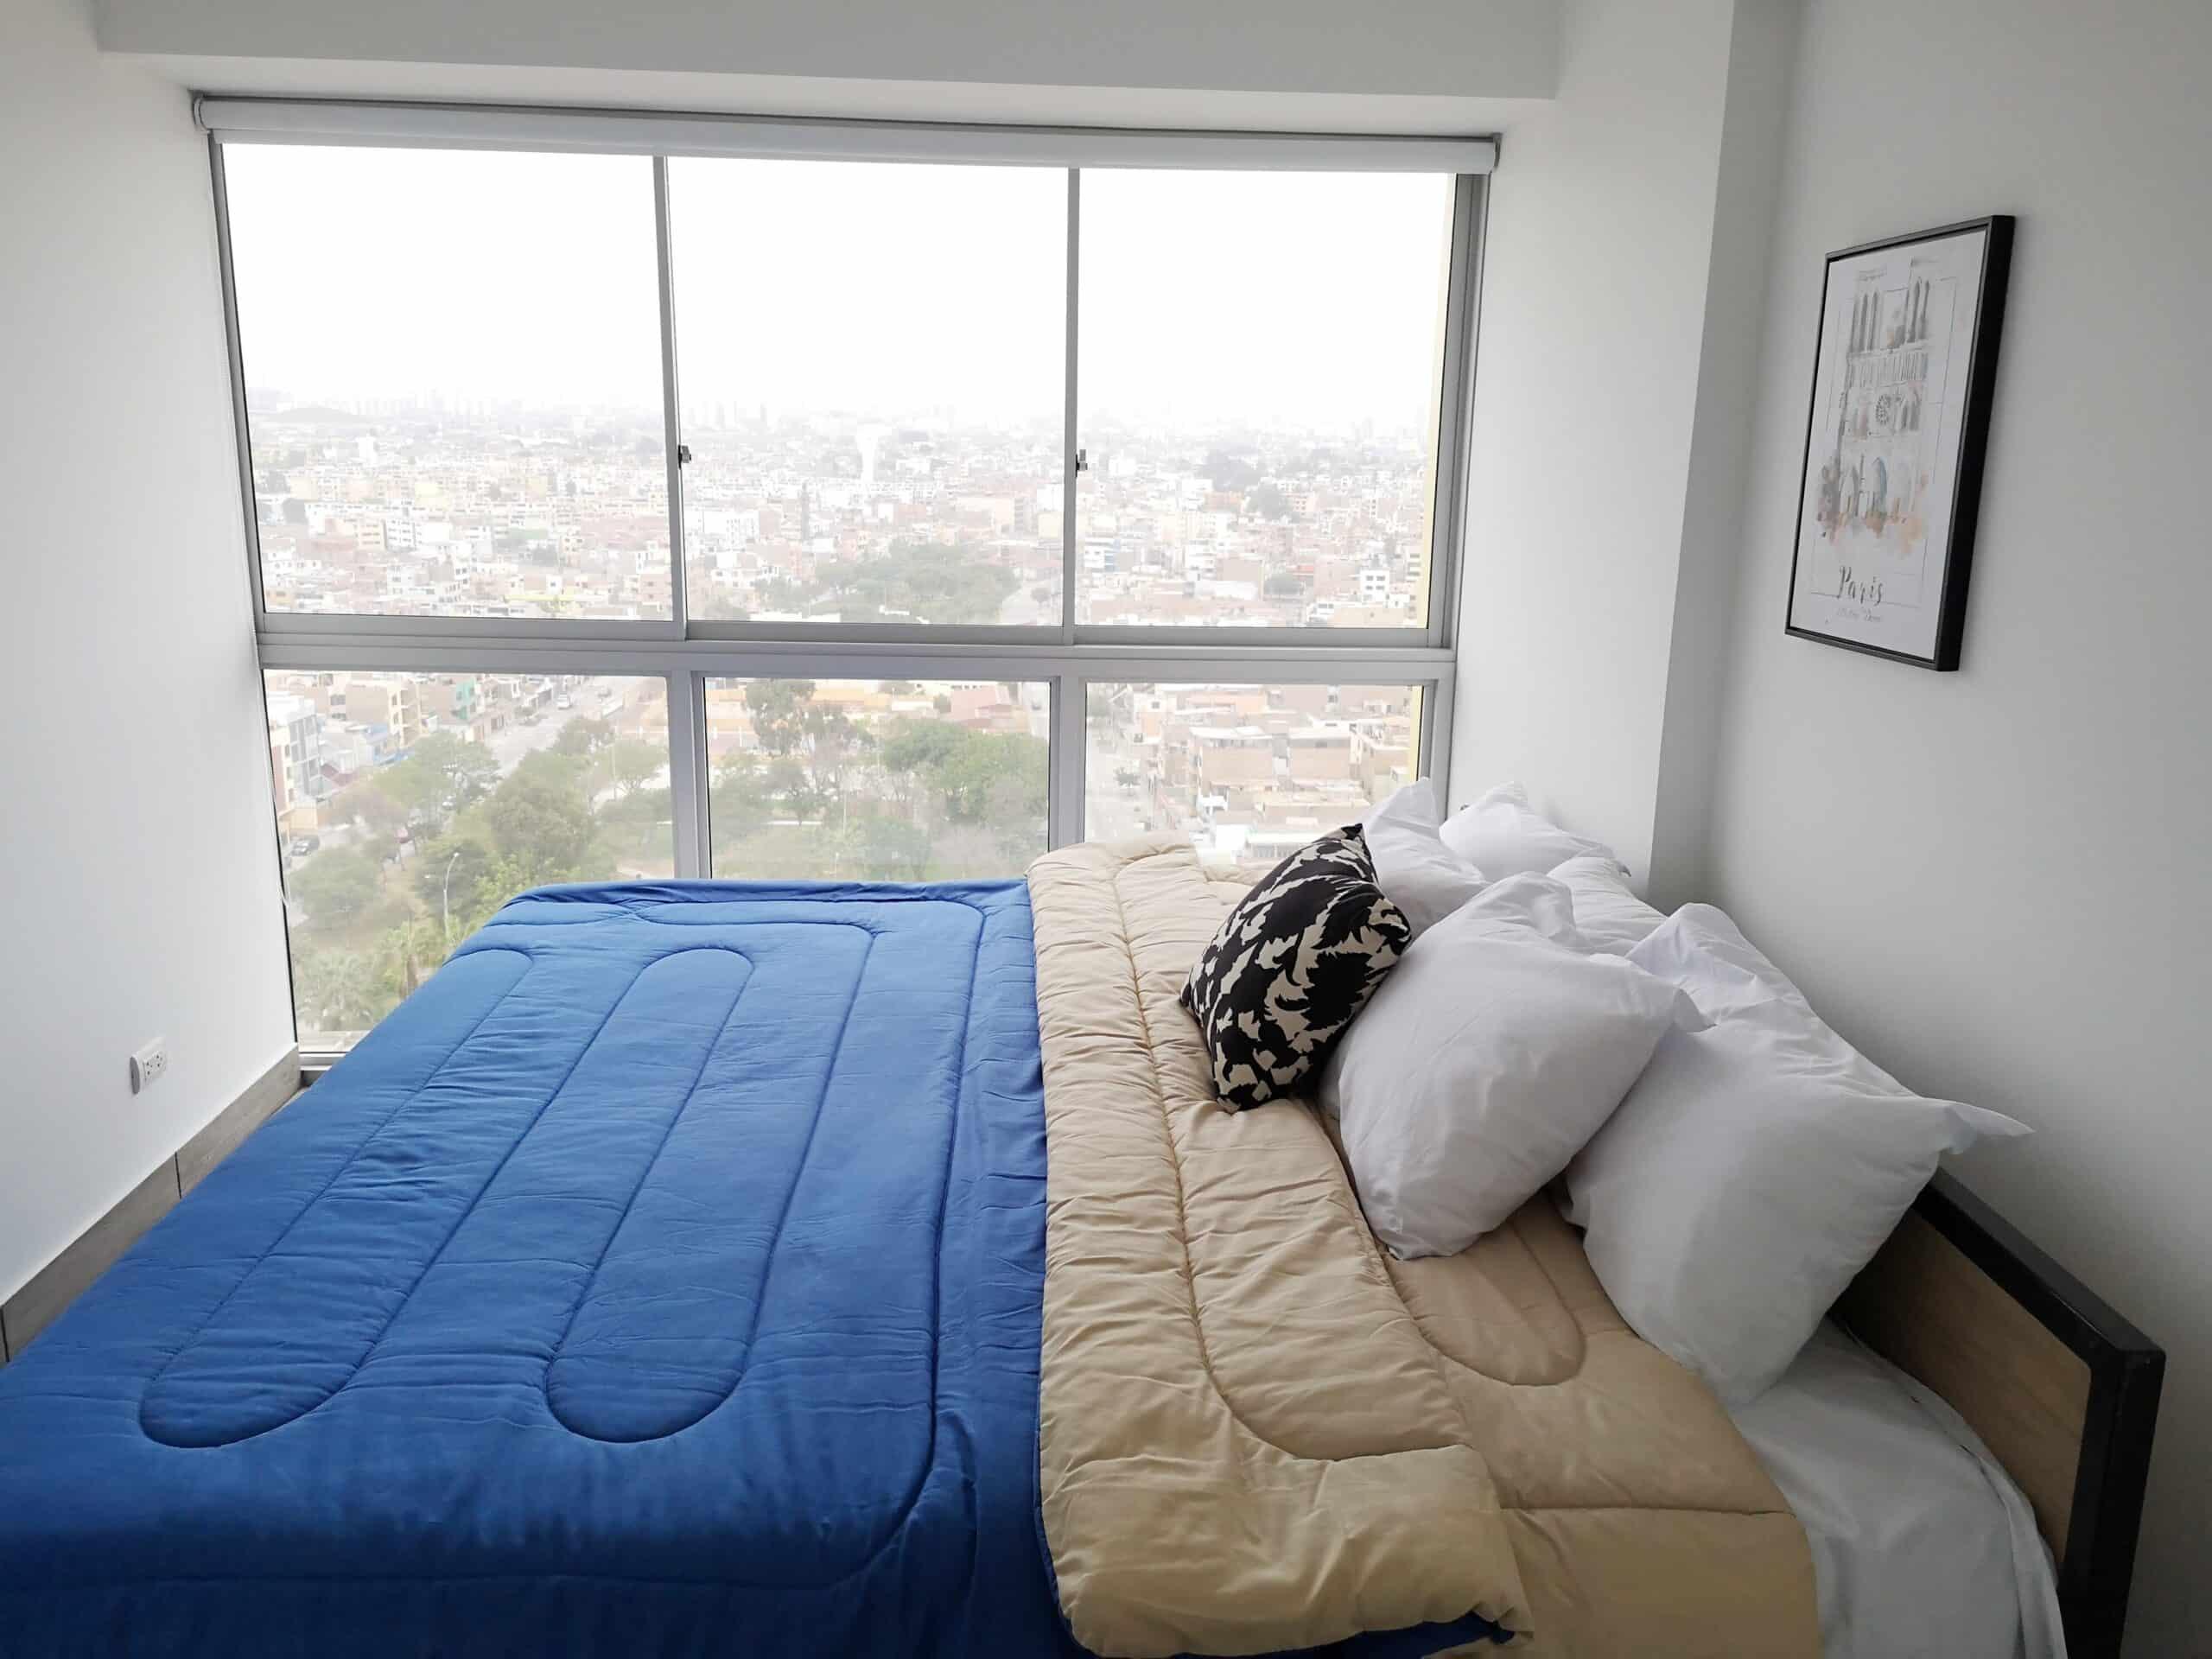 Dormitorio Cama Kig Size 2